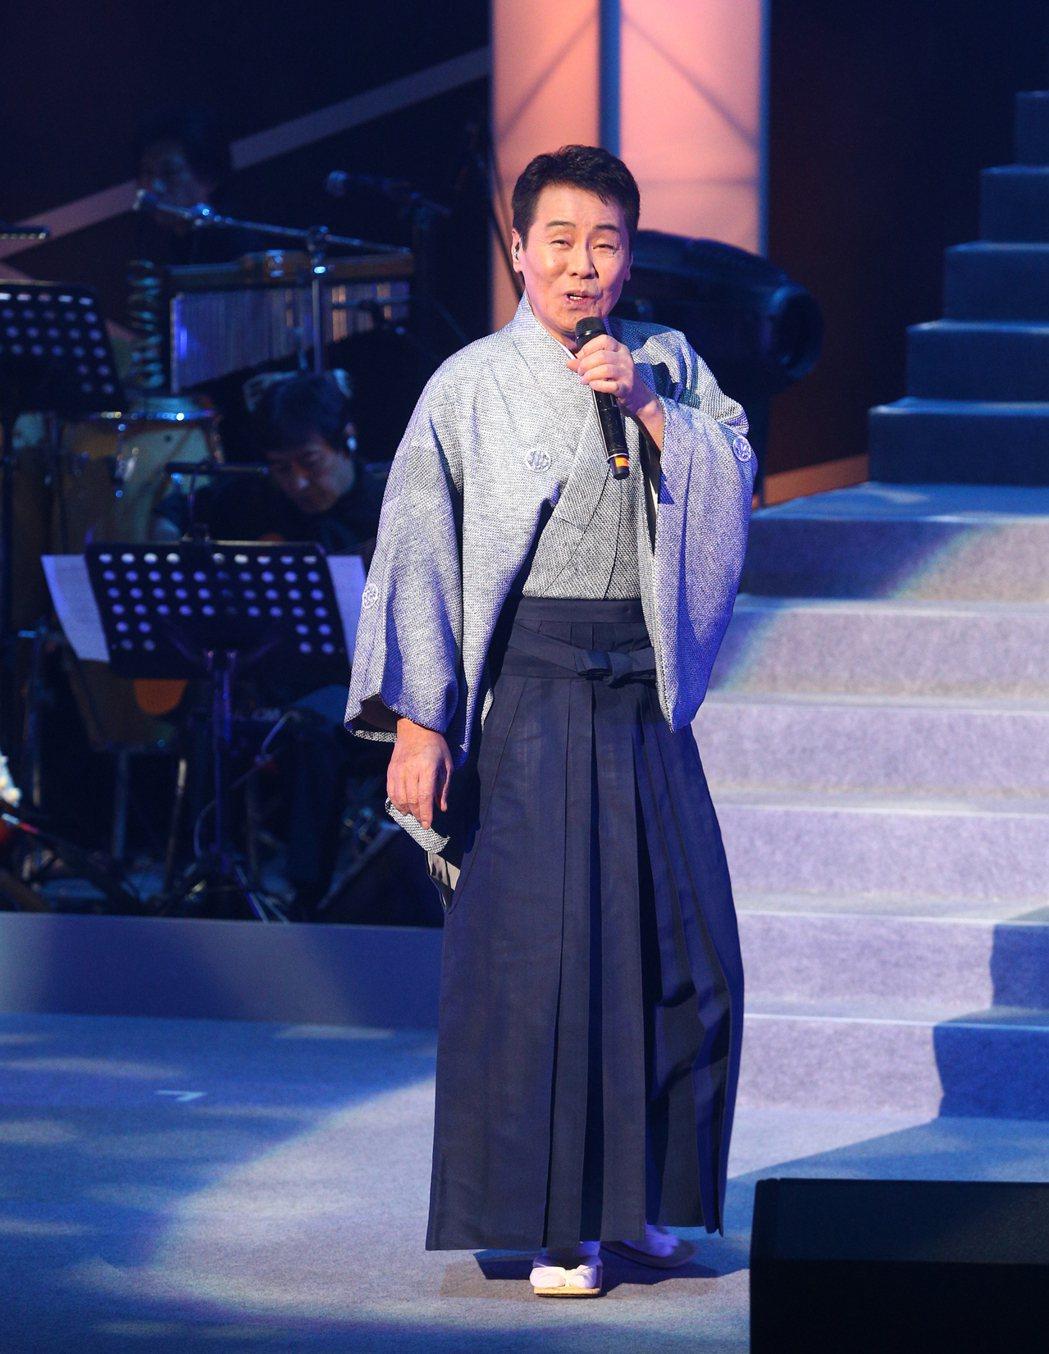 68歲日本演歌天王五木寬在台北國際會議中心舉行演唱會,睽違兩年來台開唱,五木寬苦...